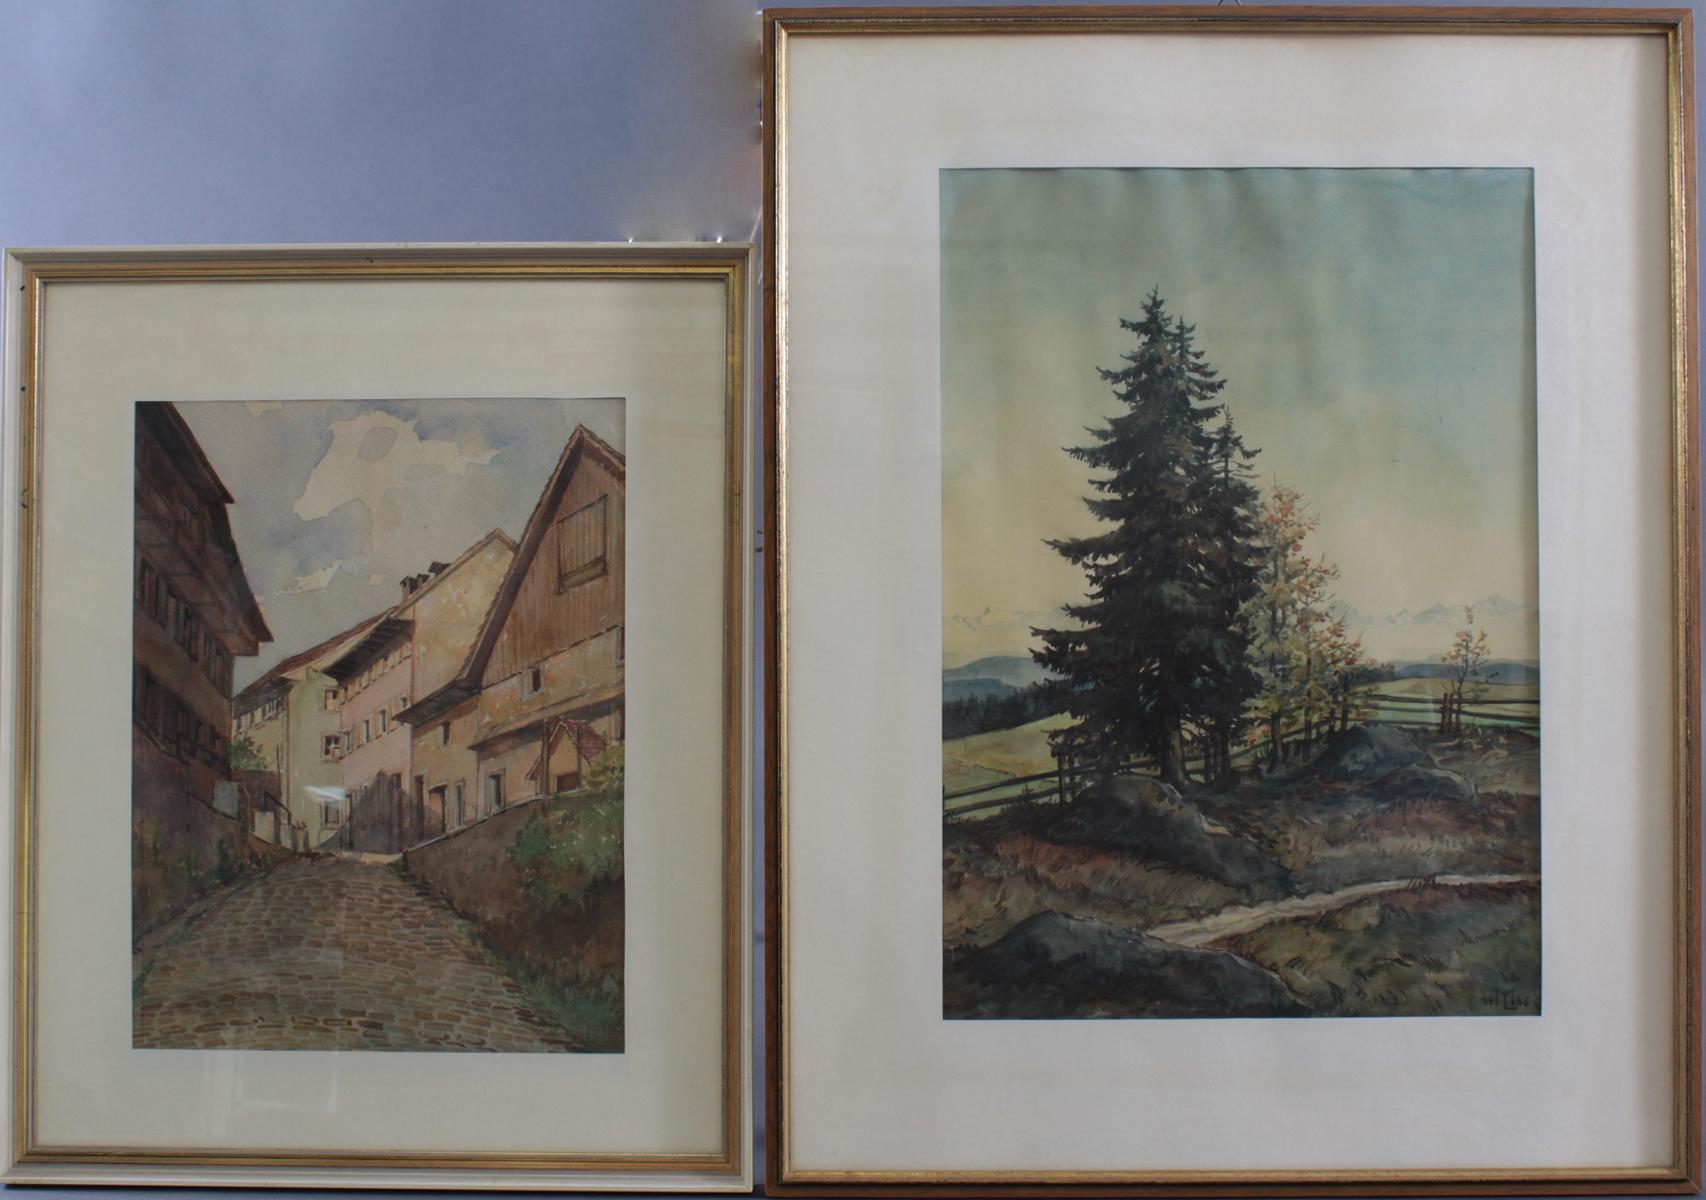 2 Aquarelle, unbekannter Monogrammist: M.L 1946 und 1950